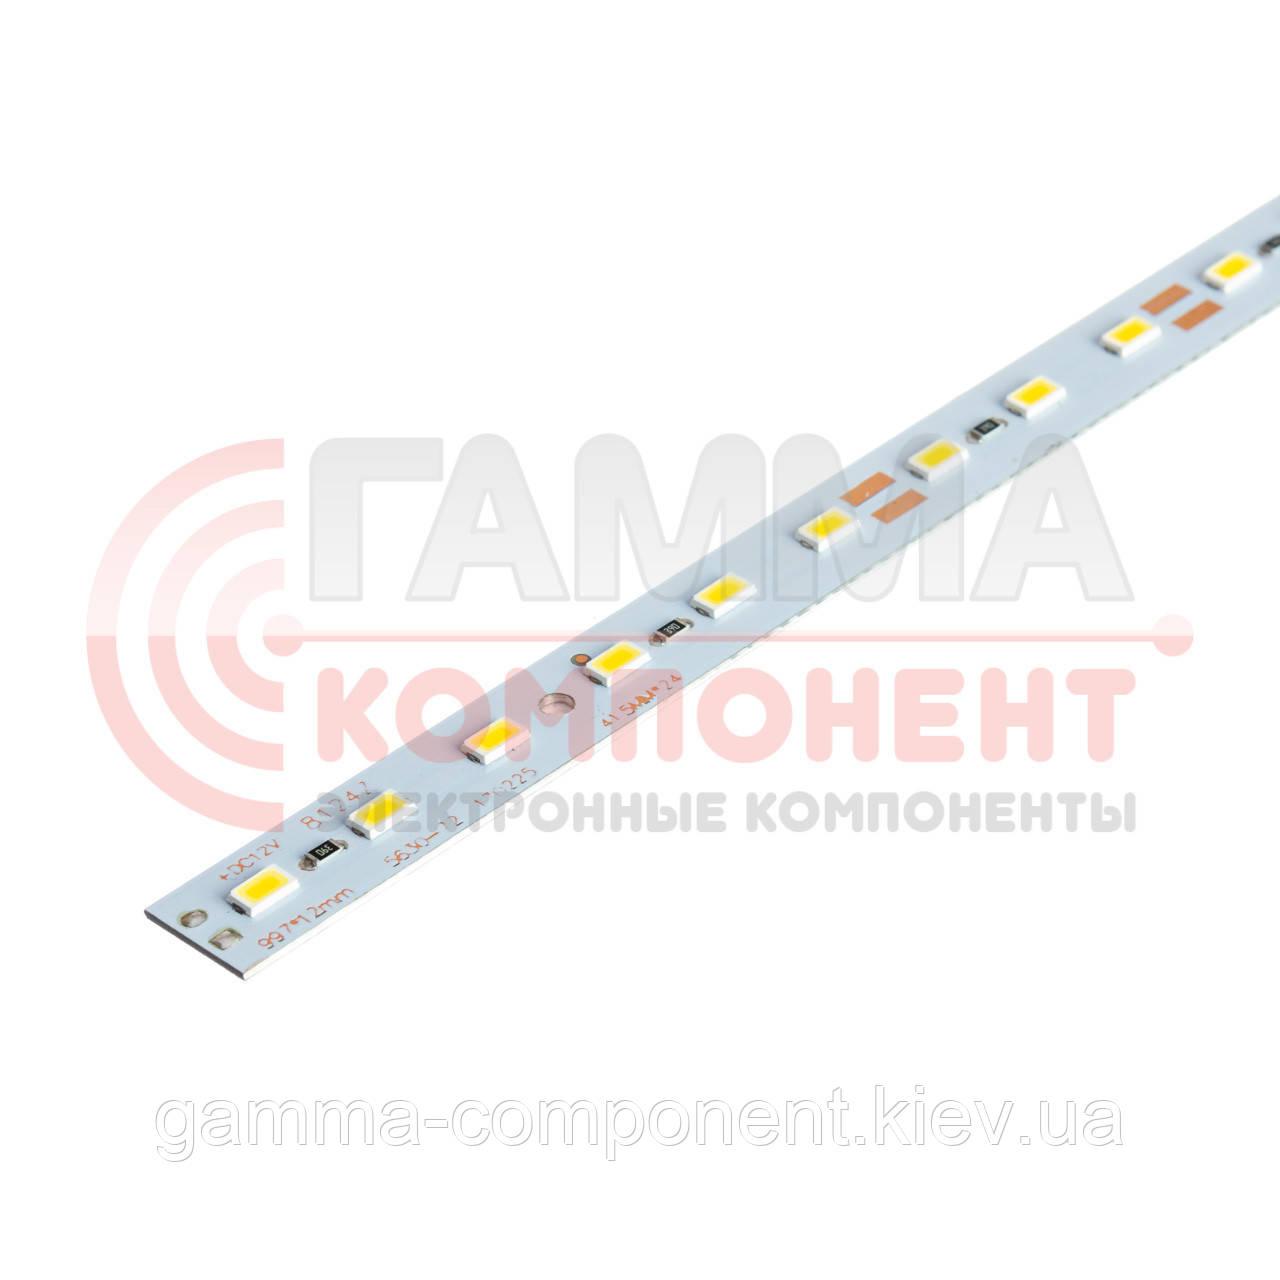 Светодиодная линейка SMD5630 18Вт, 100cм, 12V, нейтральный белый, крепление скотч, IP20